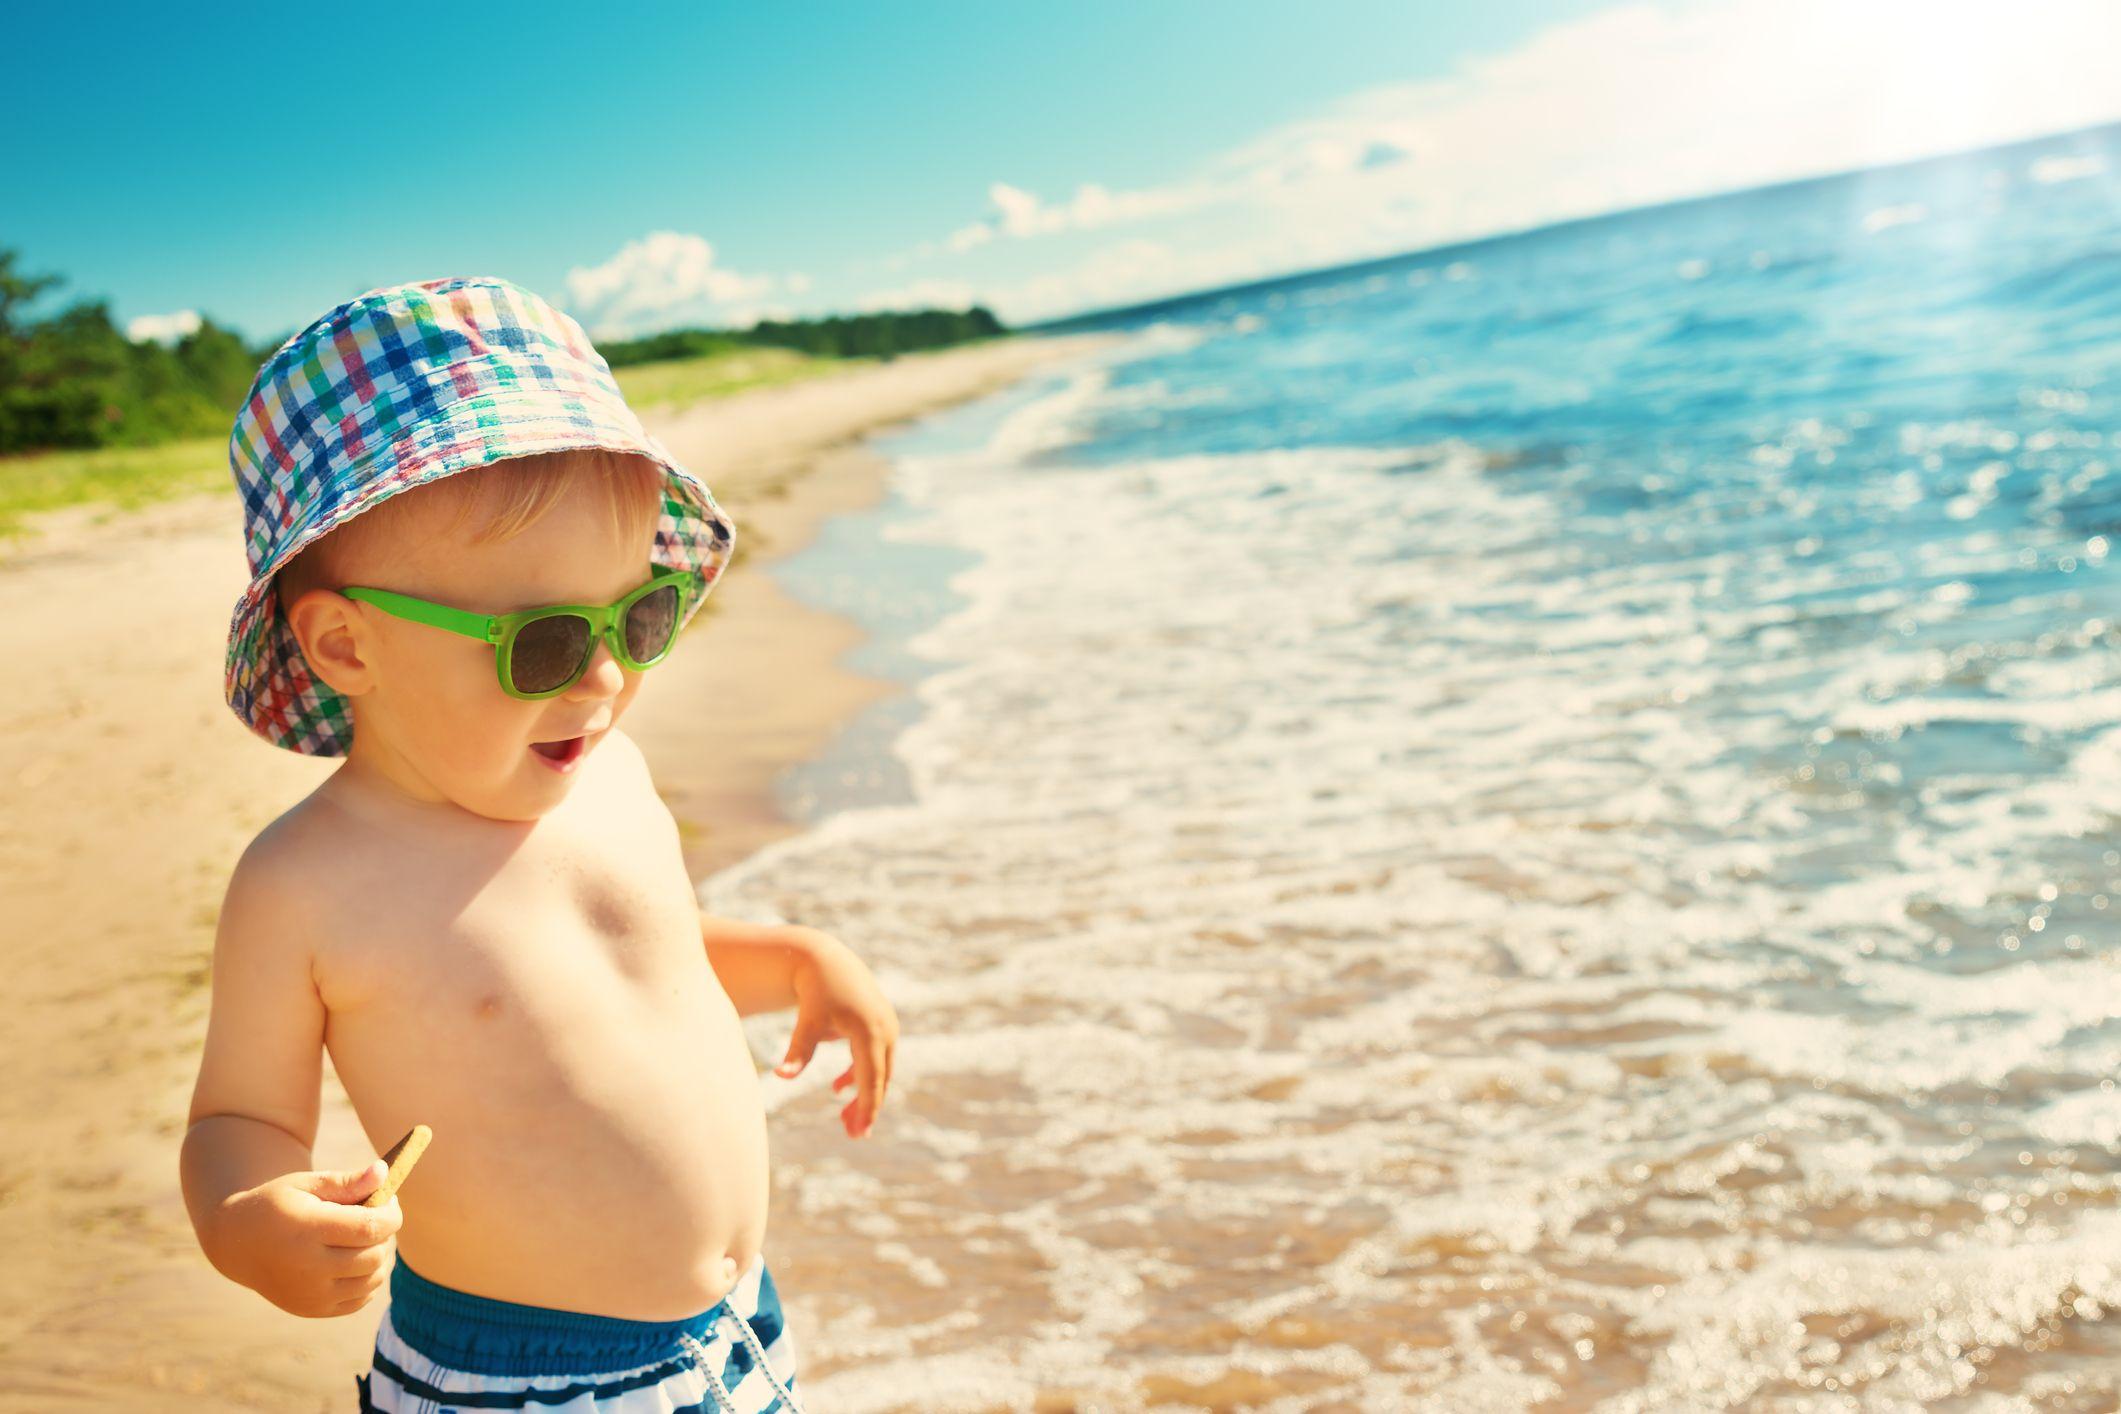 Protege a los bebés con gorritas, gafas de sol homologadas y prendas adecuadas.